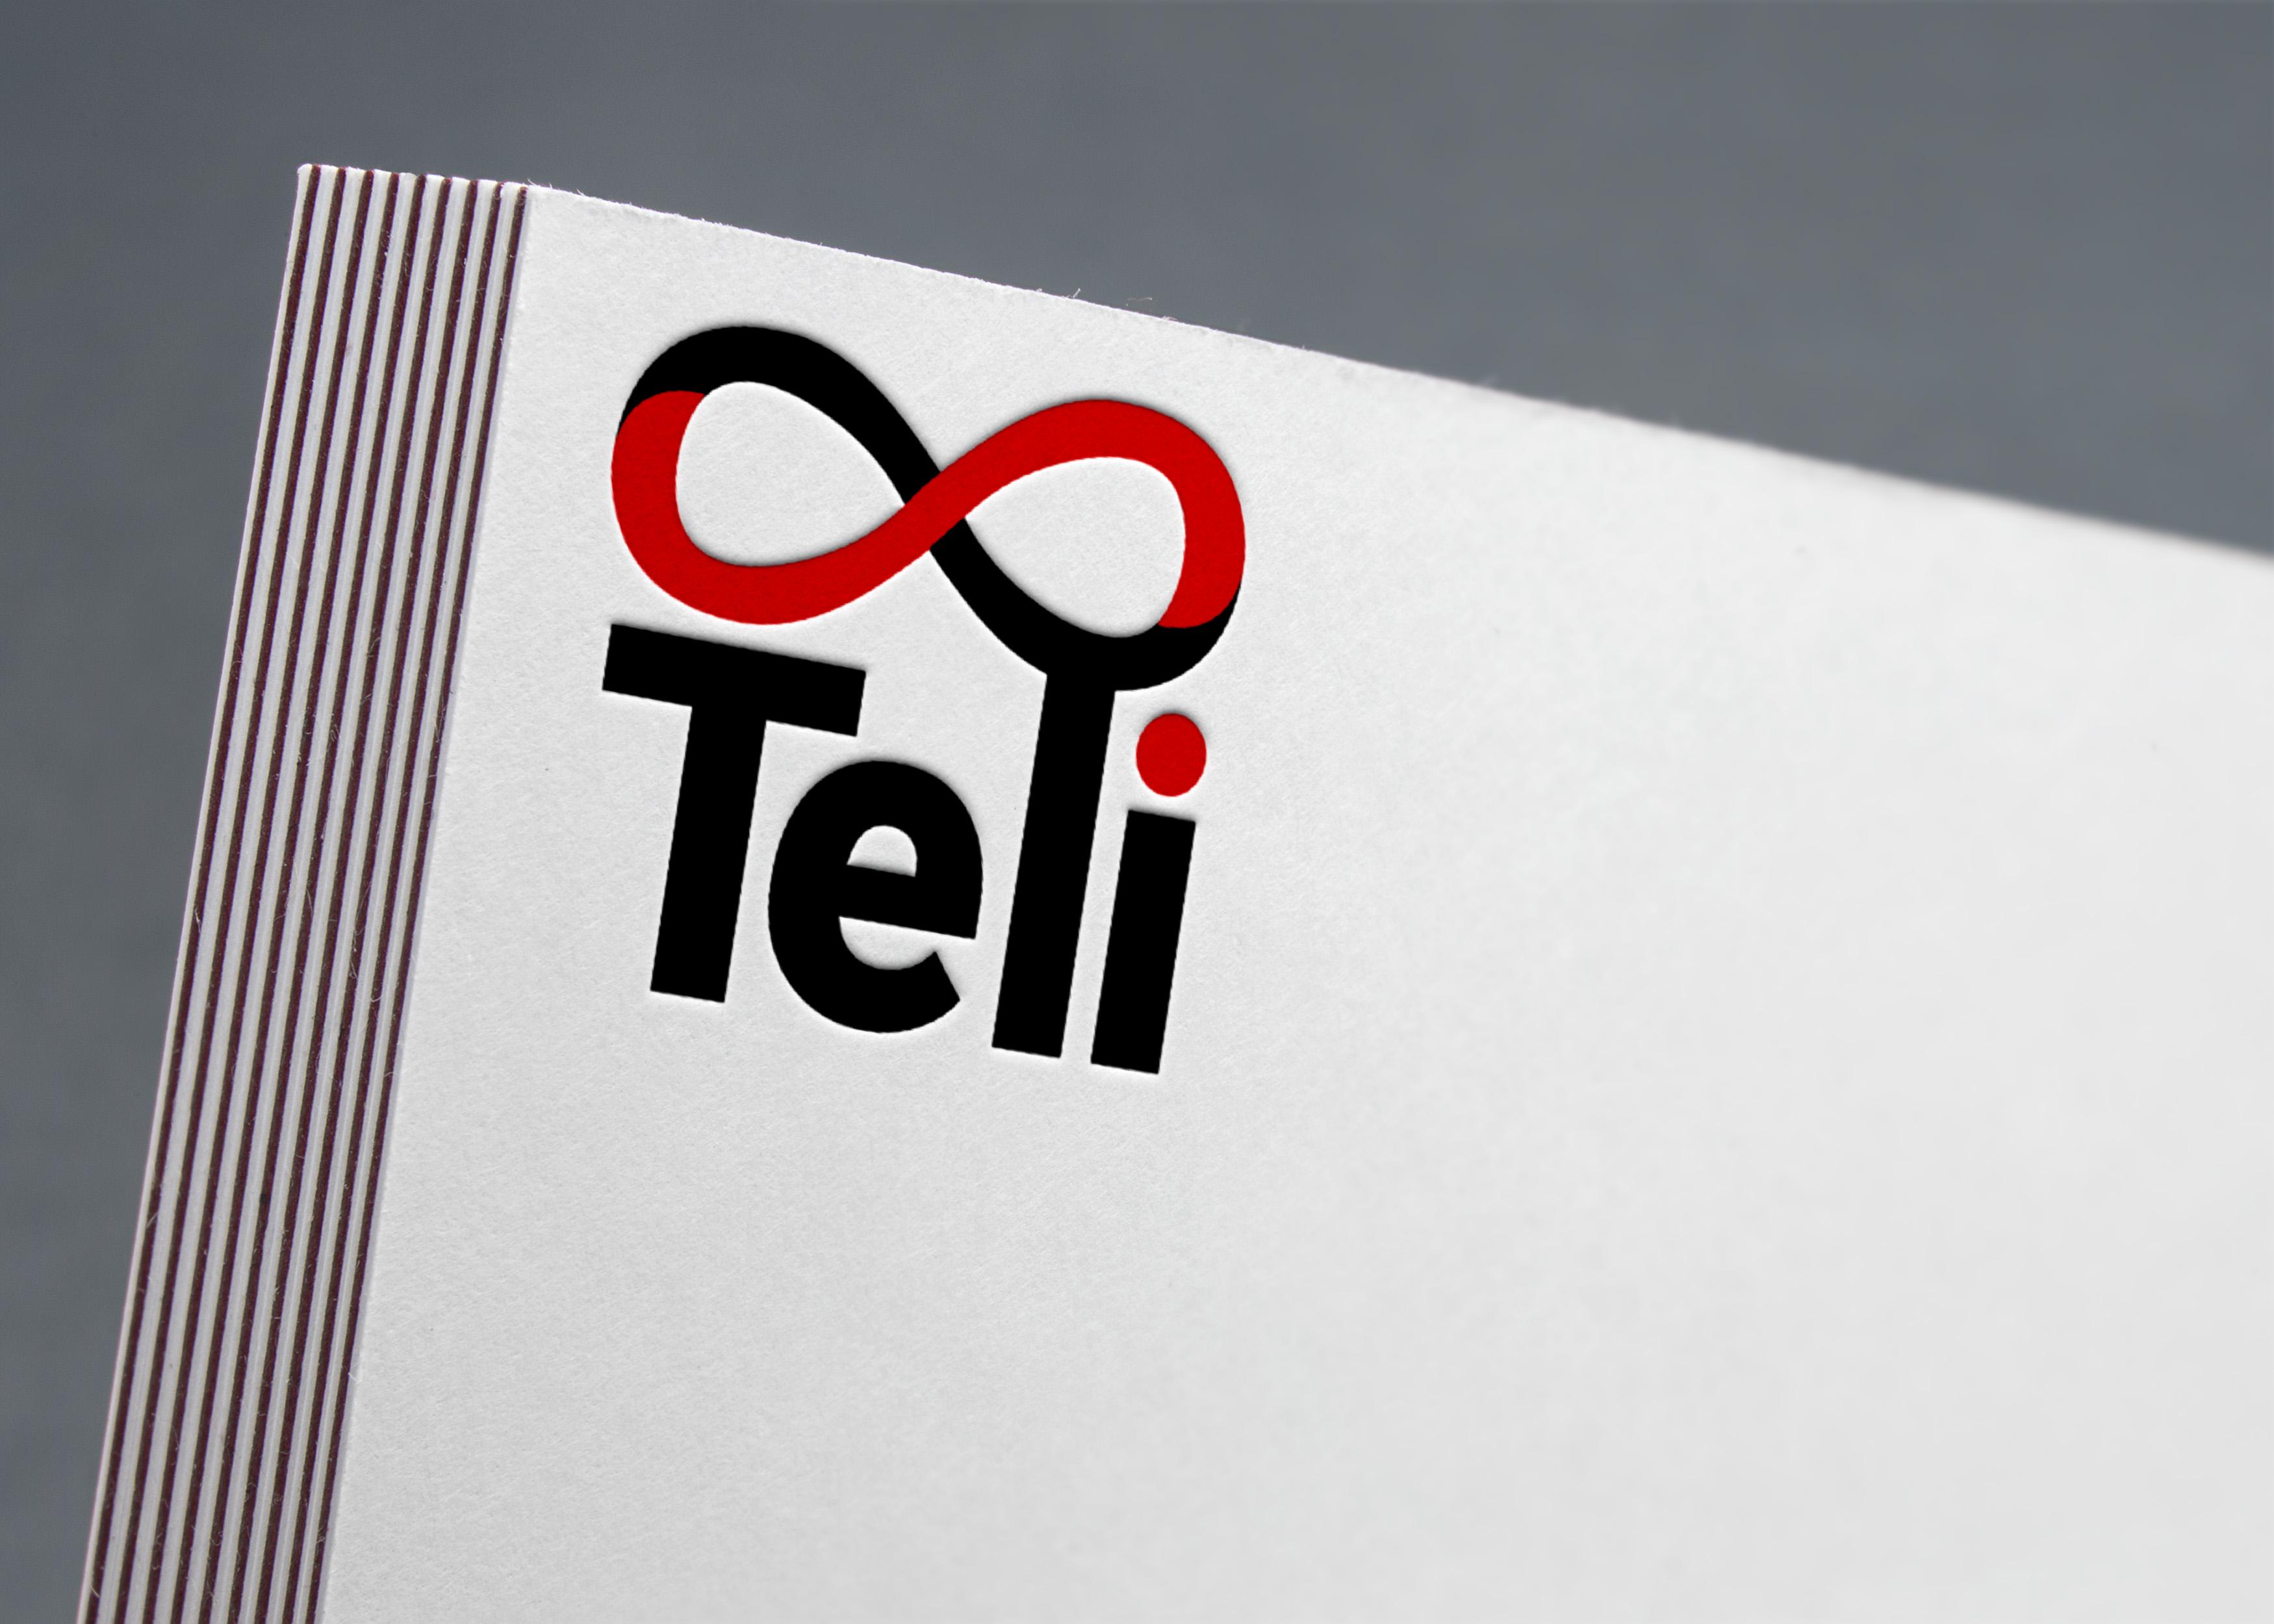 Разработка логотипа и фирменного стиля фото f_29658f9e5650a626.jpg